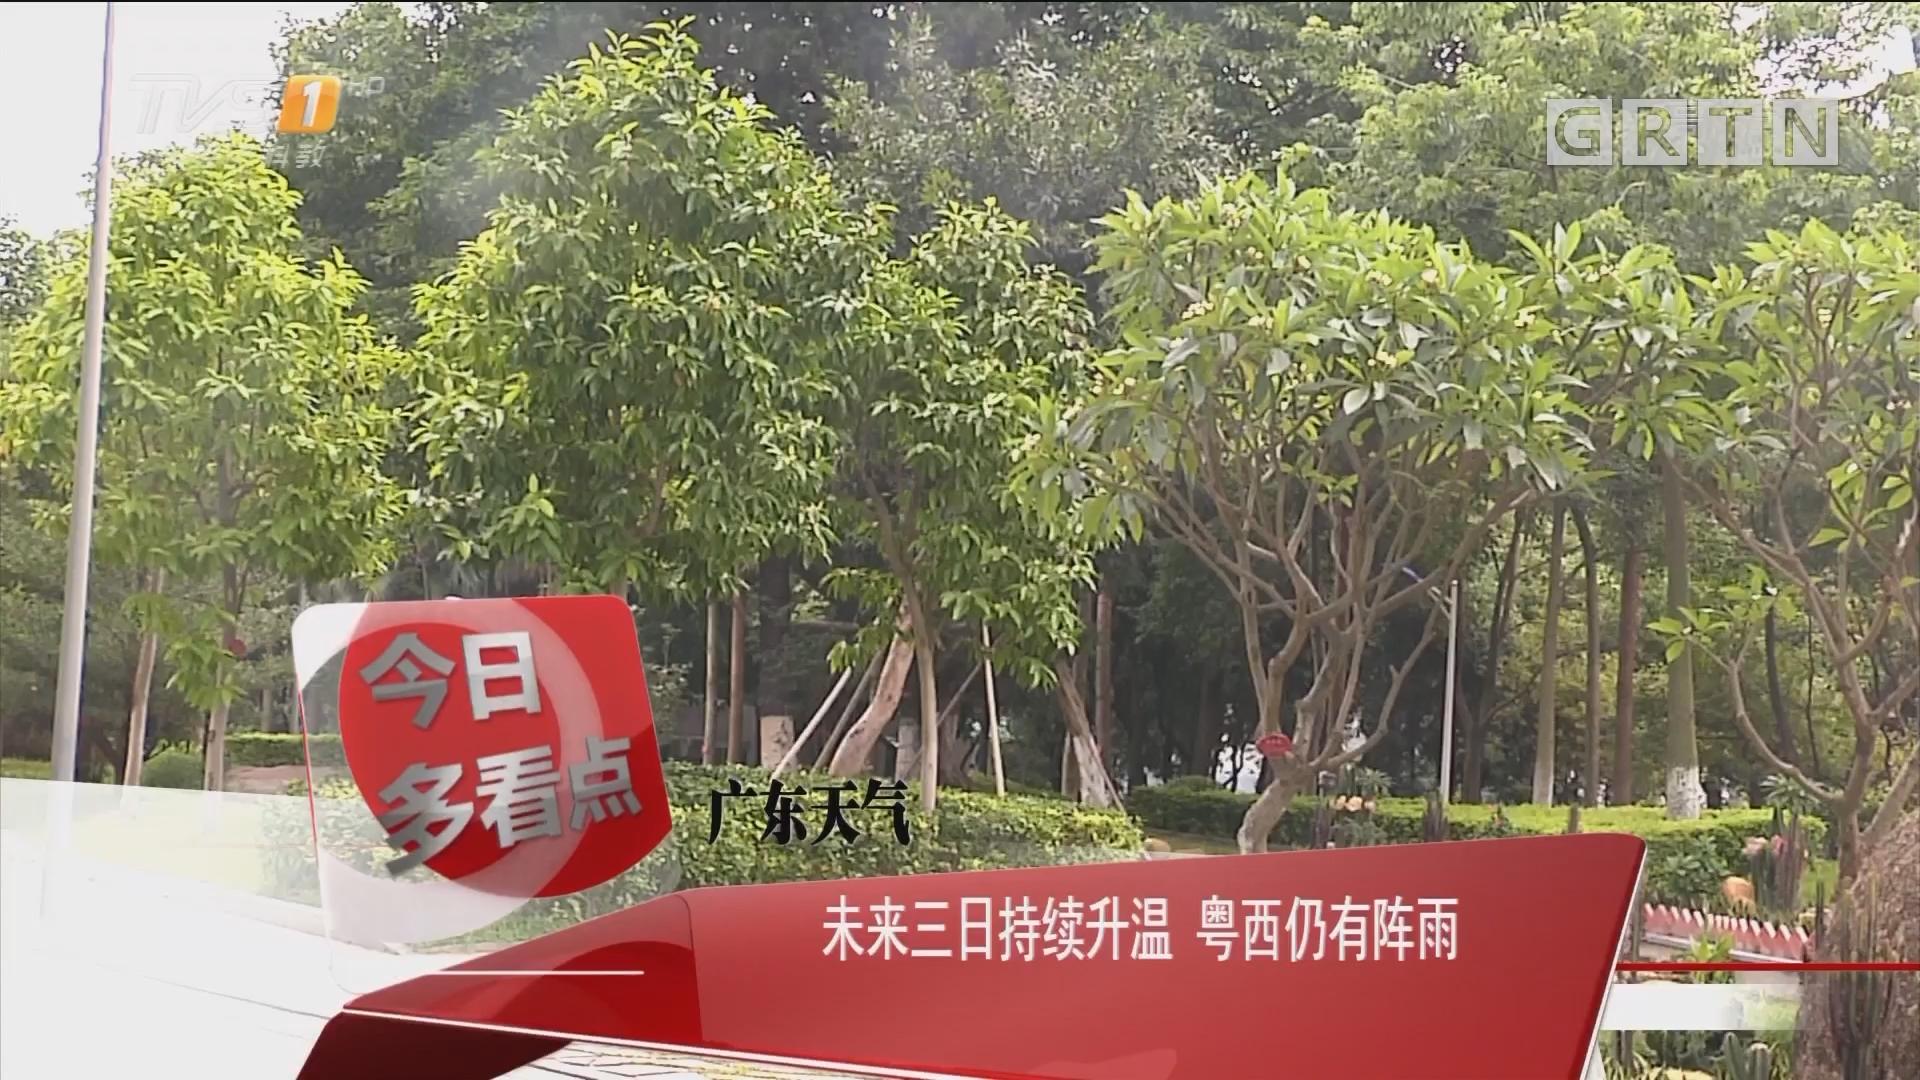 广东天气:未来三日持续升温 粤西仍有阵雨